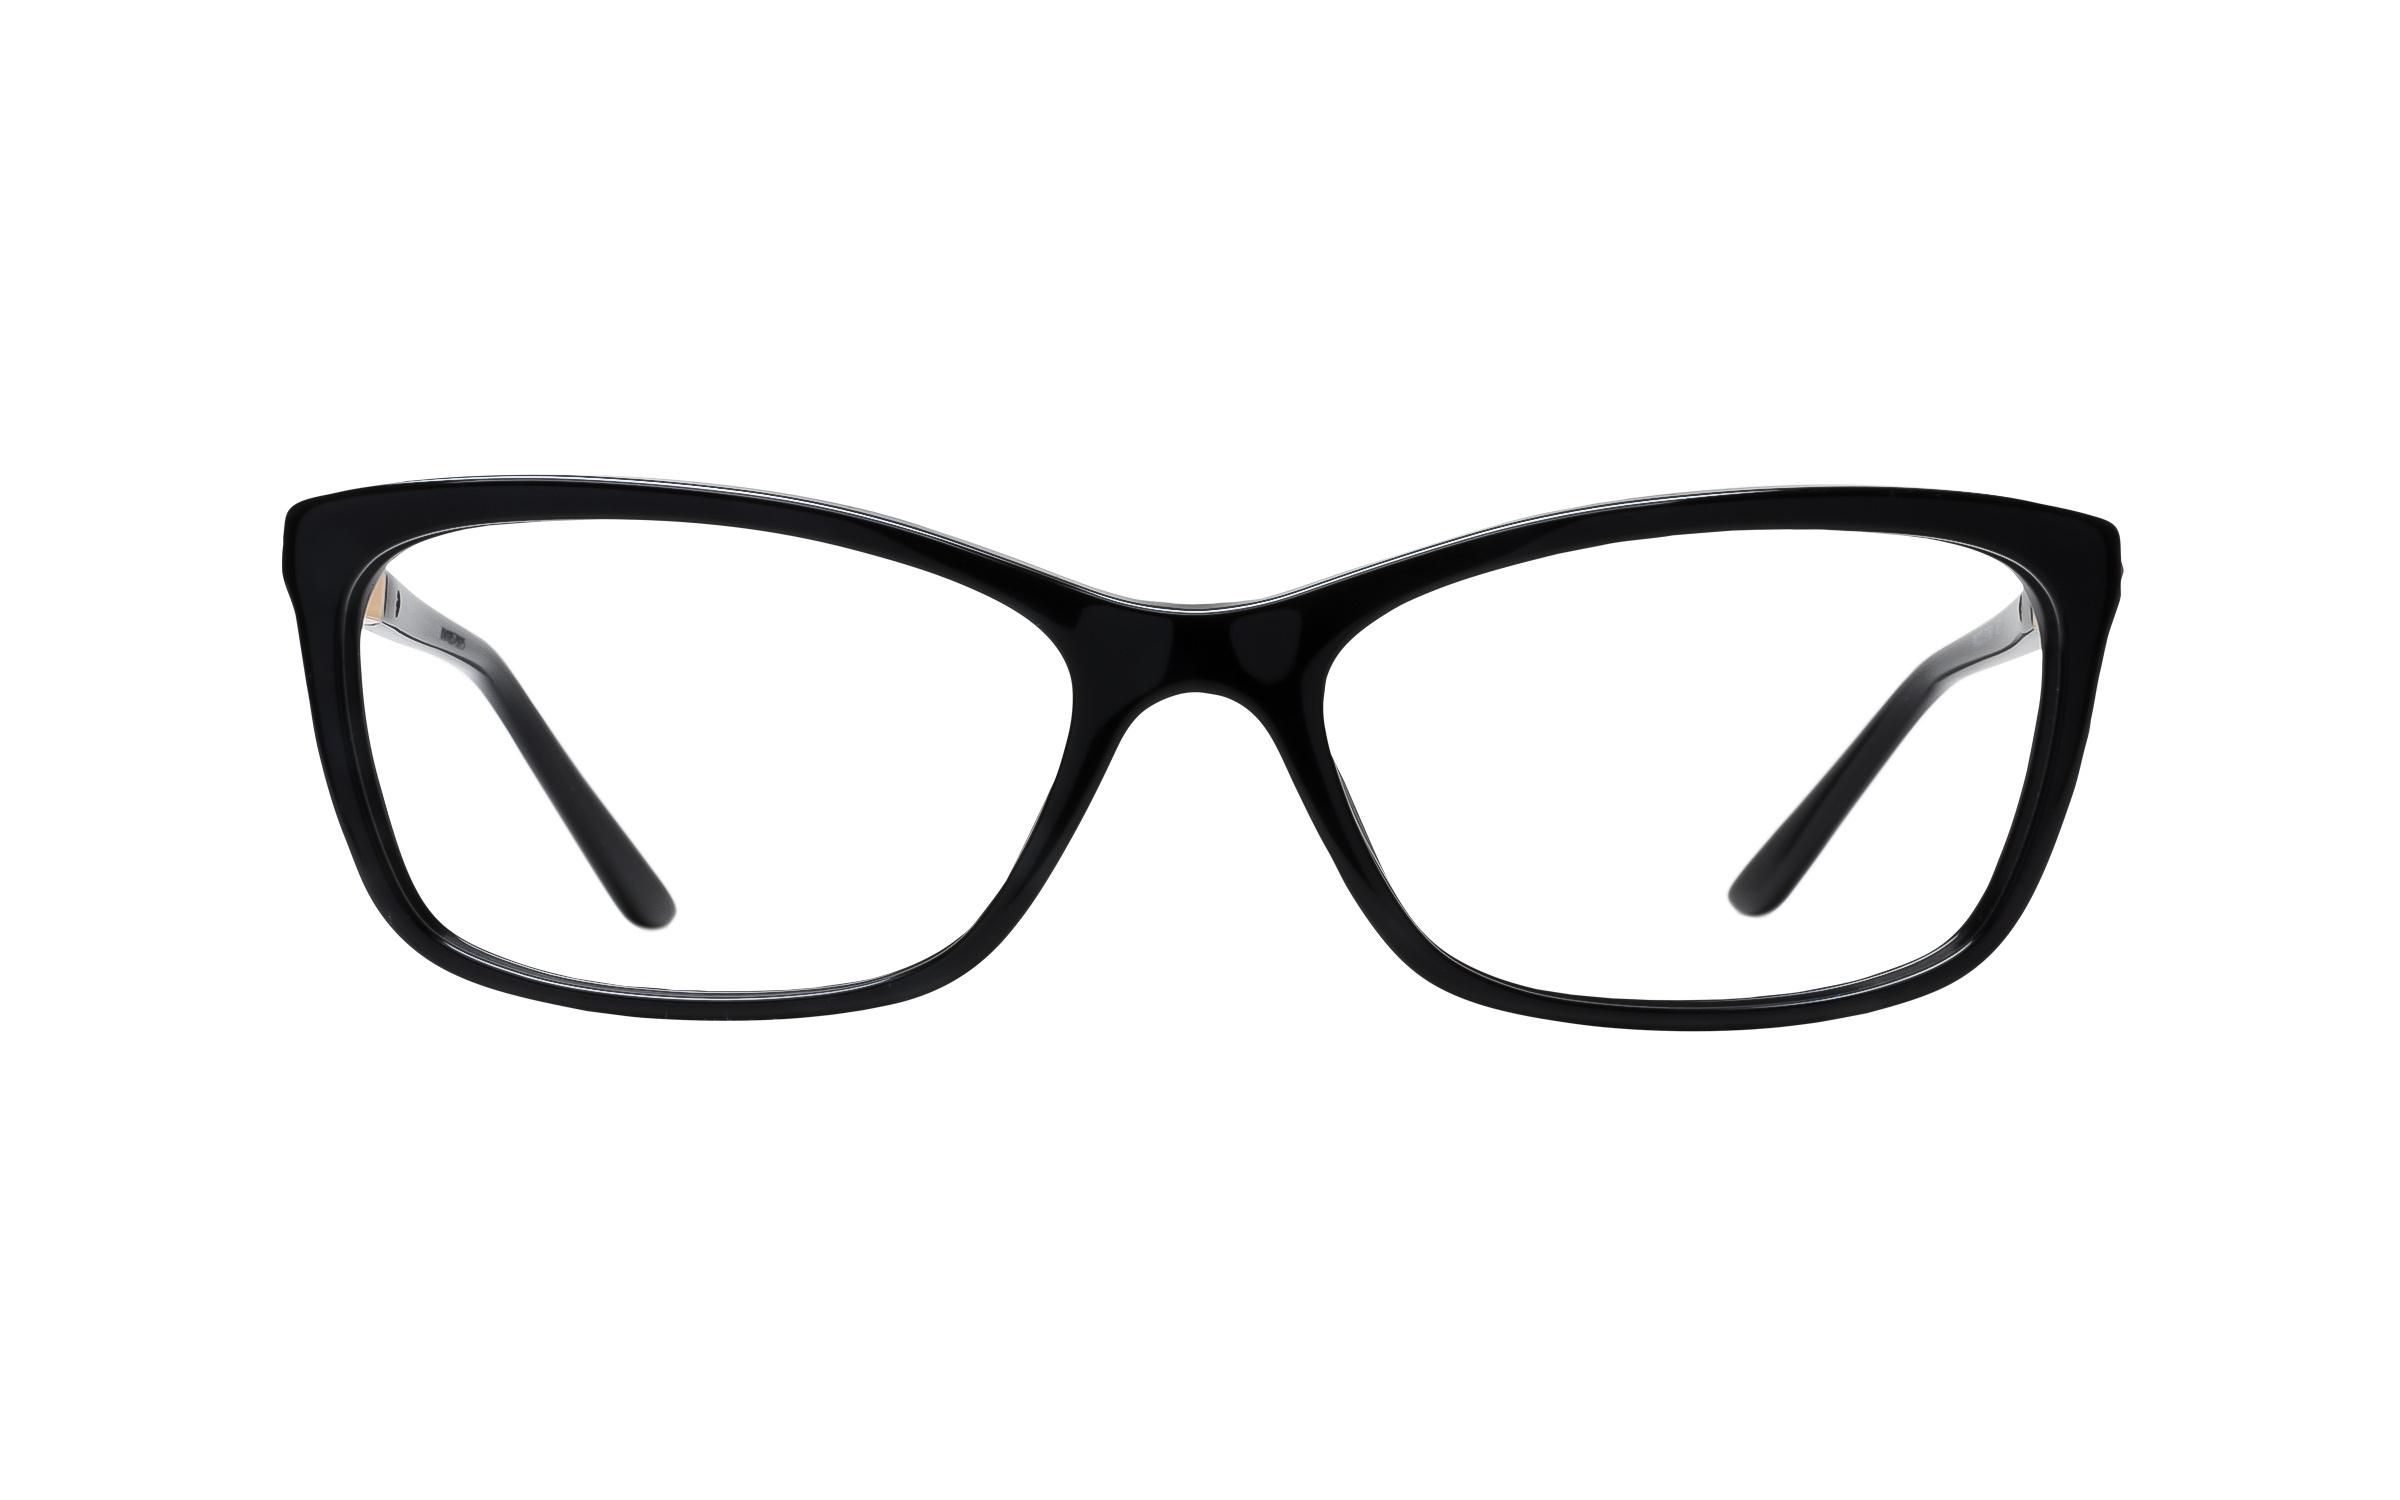 Versace Women's VE3186 GB1 (54) Eyeglasses and Frame in Black | Acetate/Metal